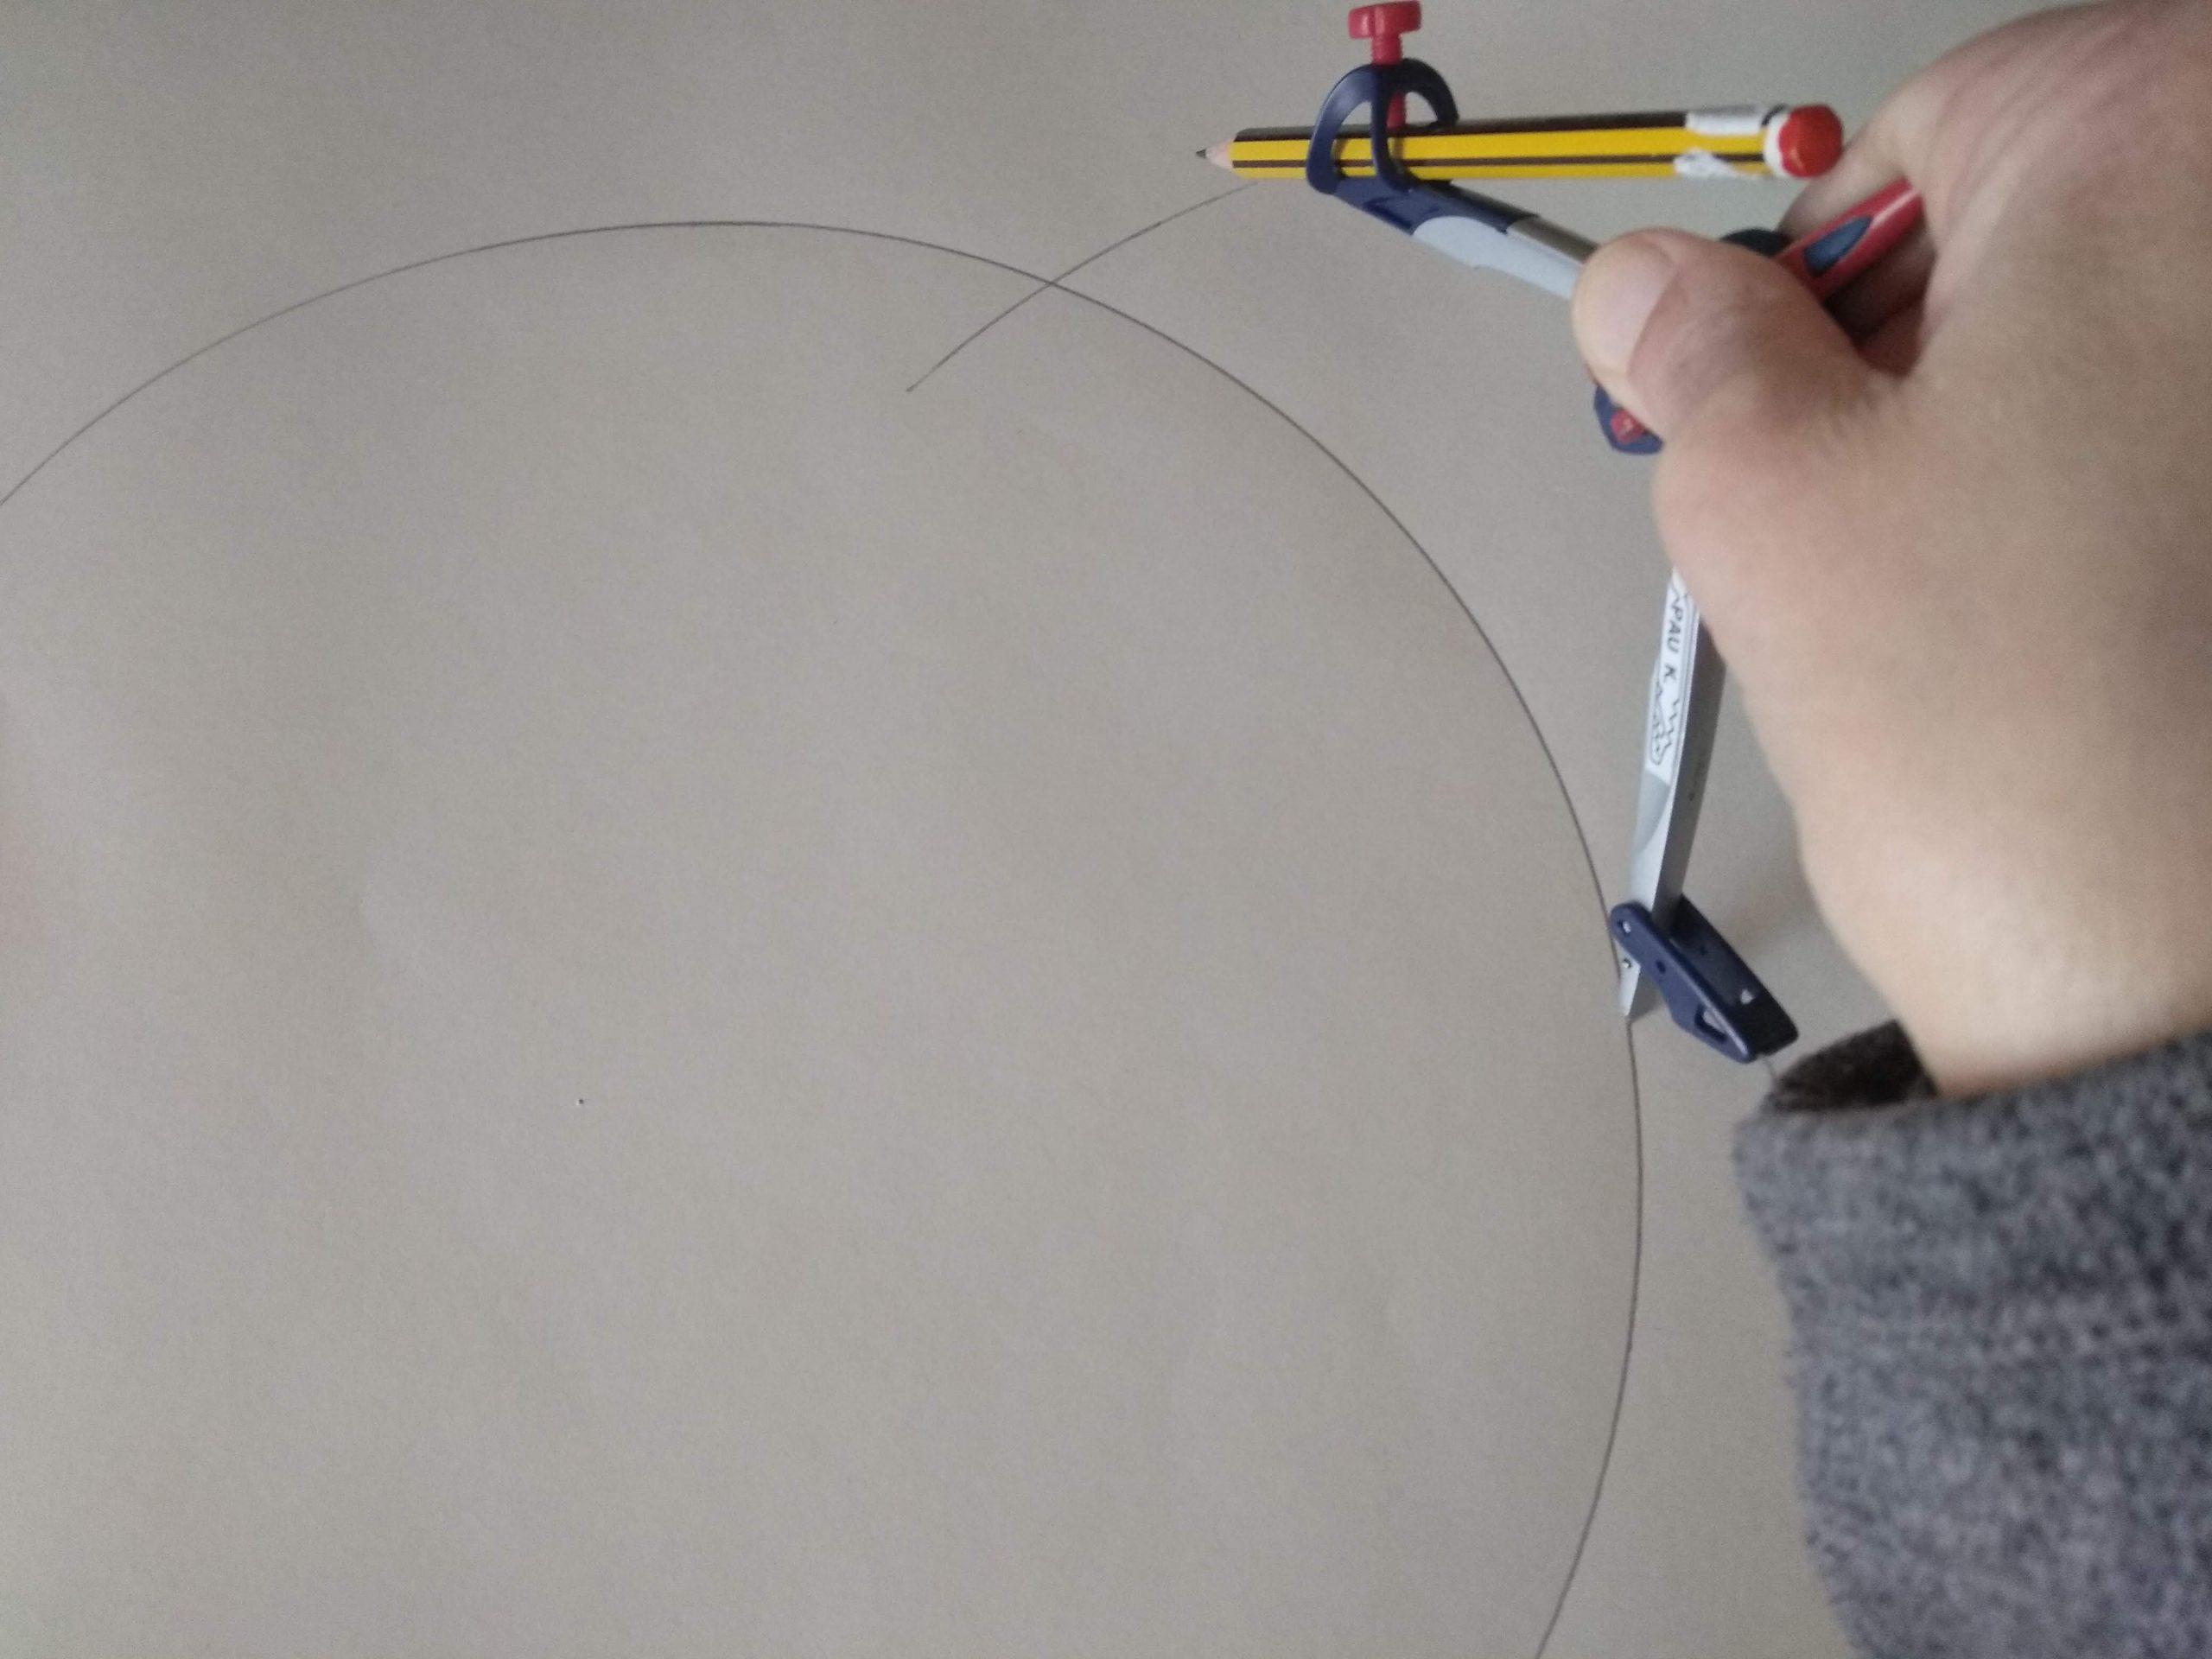 Marcaje con el compás sobre un círculo